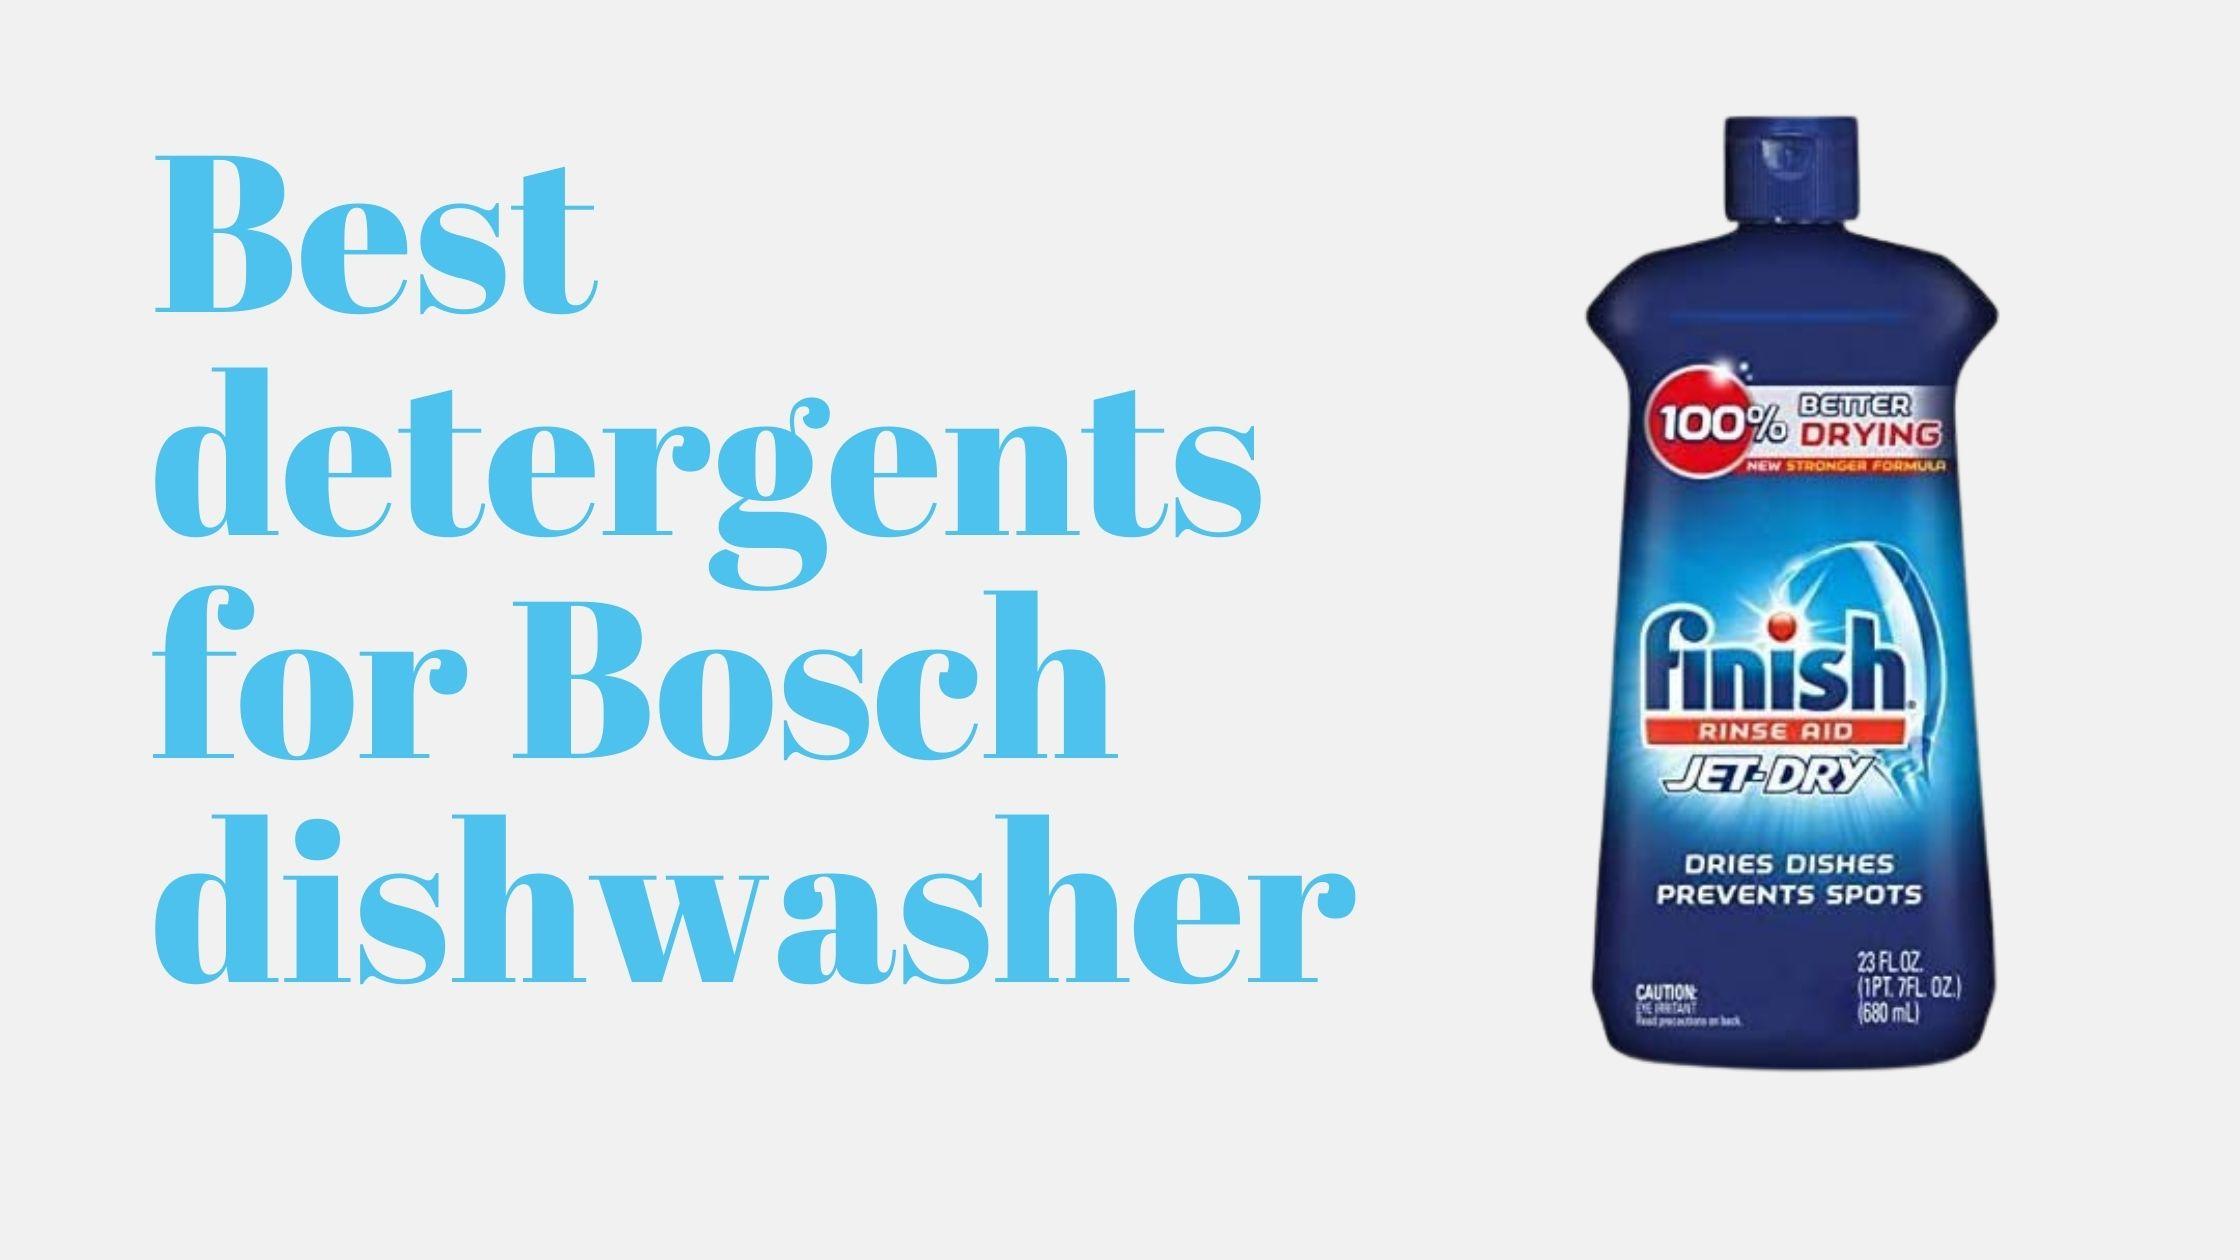 13 Best detergents for Bosch dishwasher